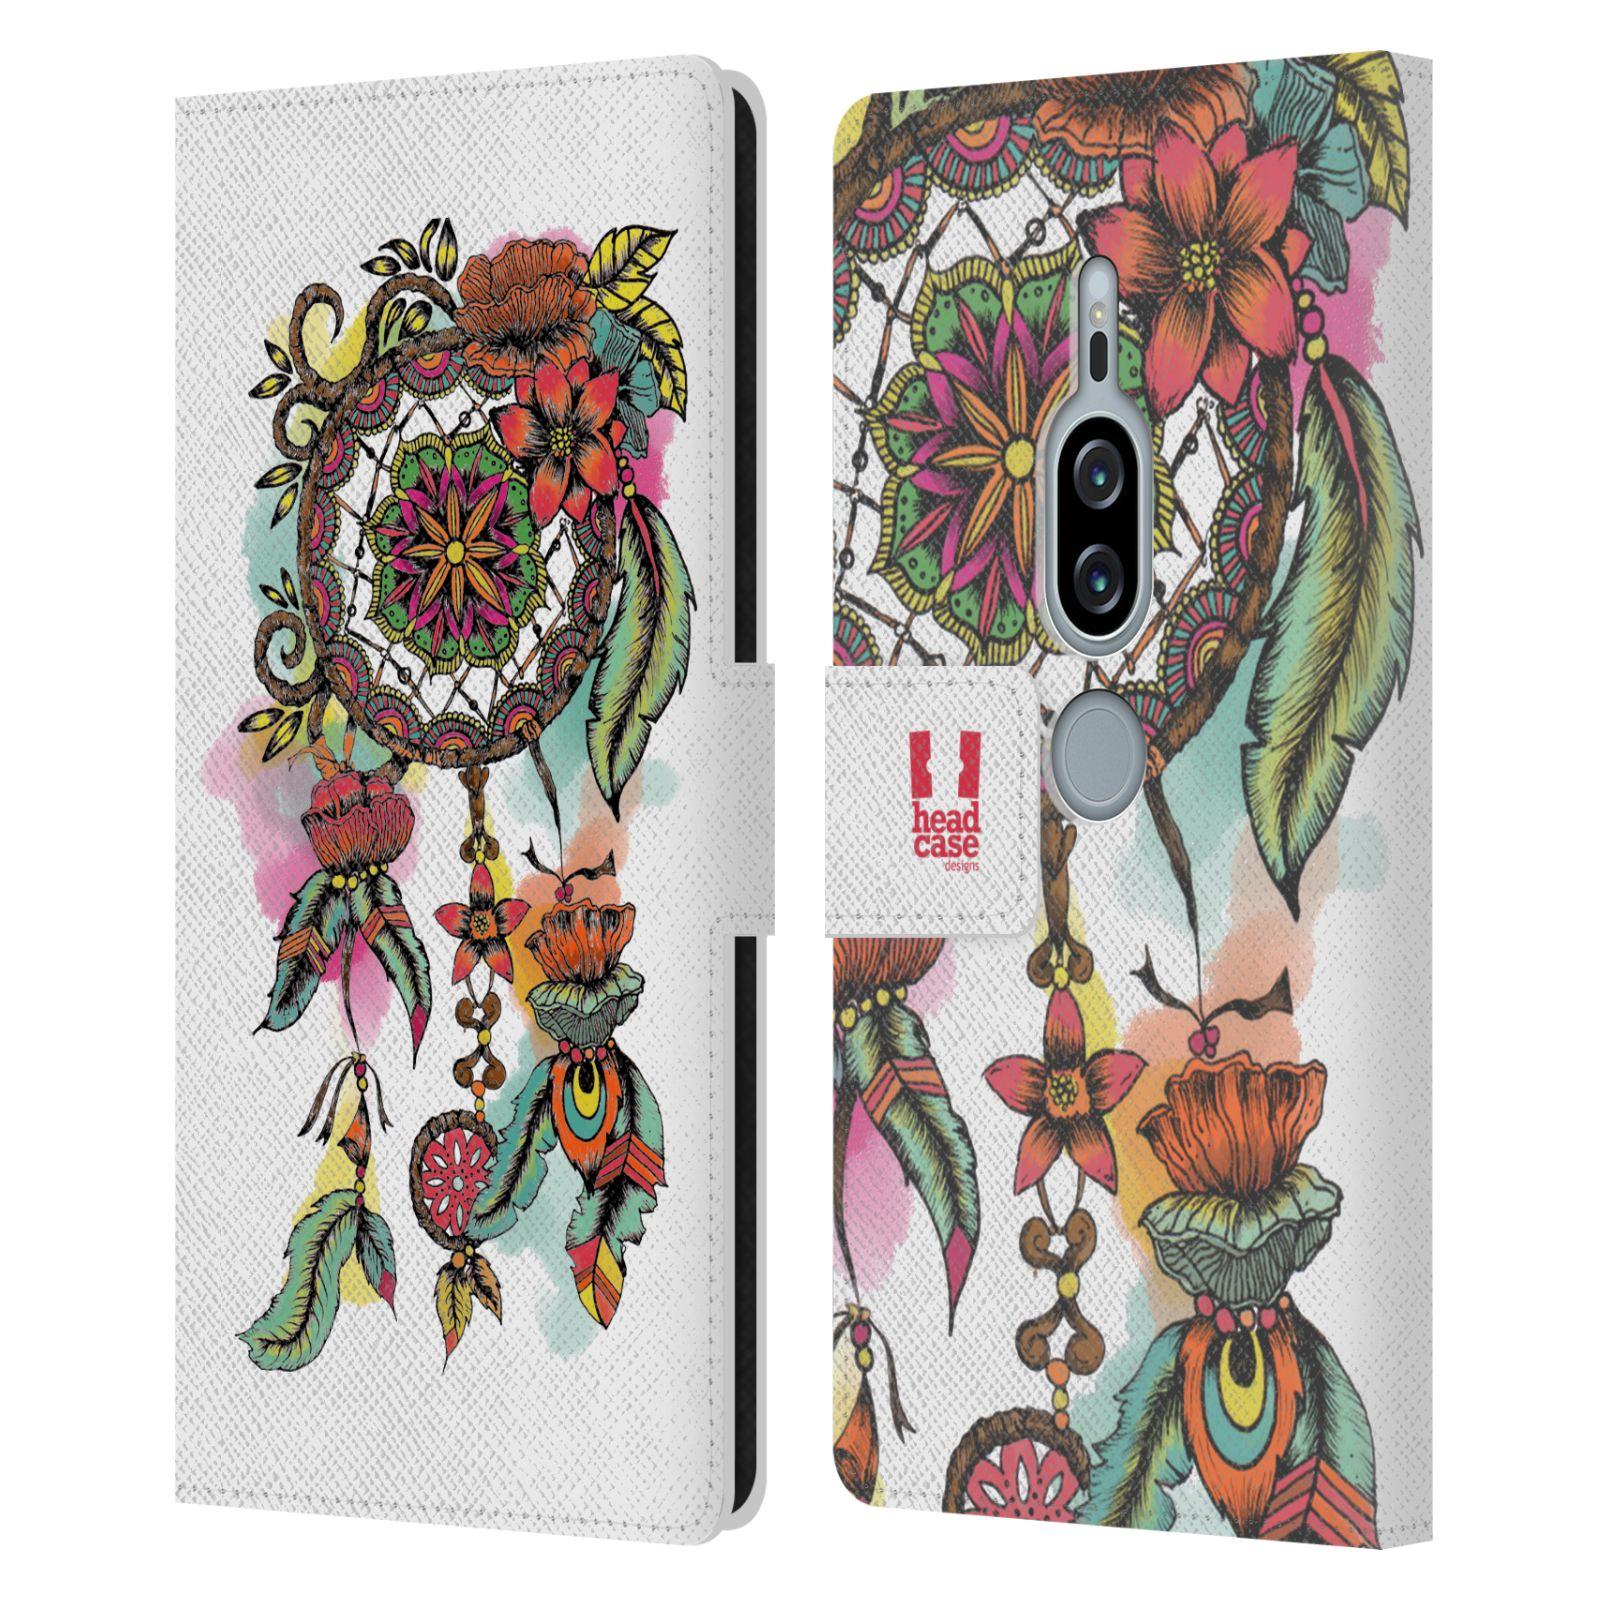 Pouzdro na mobil Sony Xperia XZ2 Premium - Head Case - Lapač snů květy červená